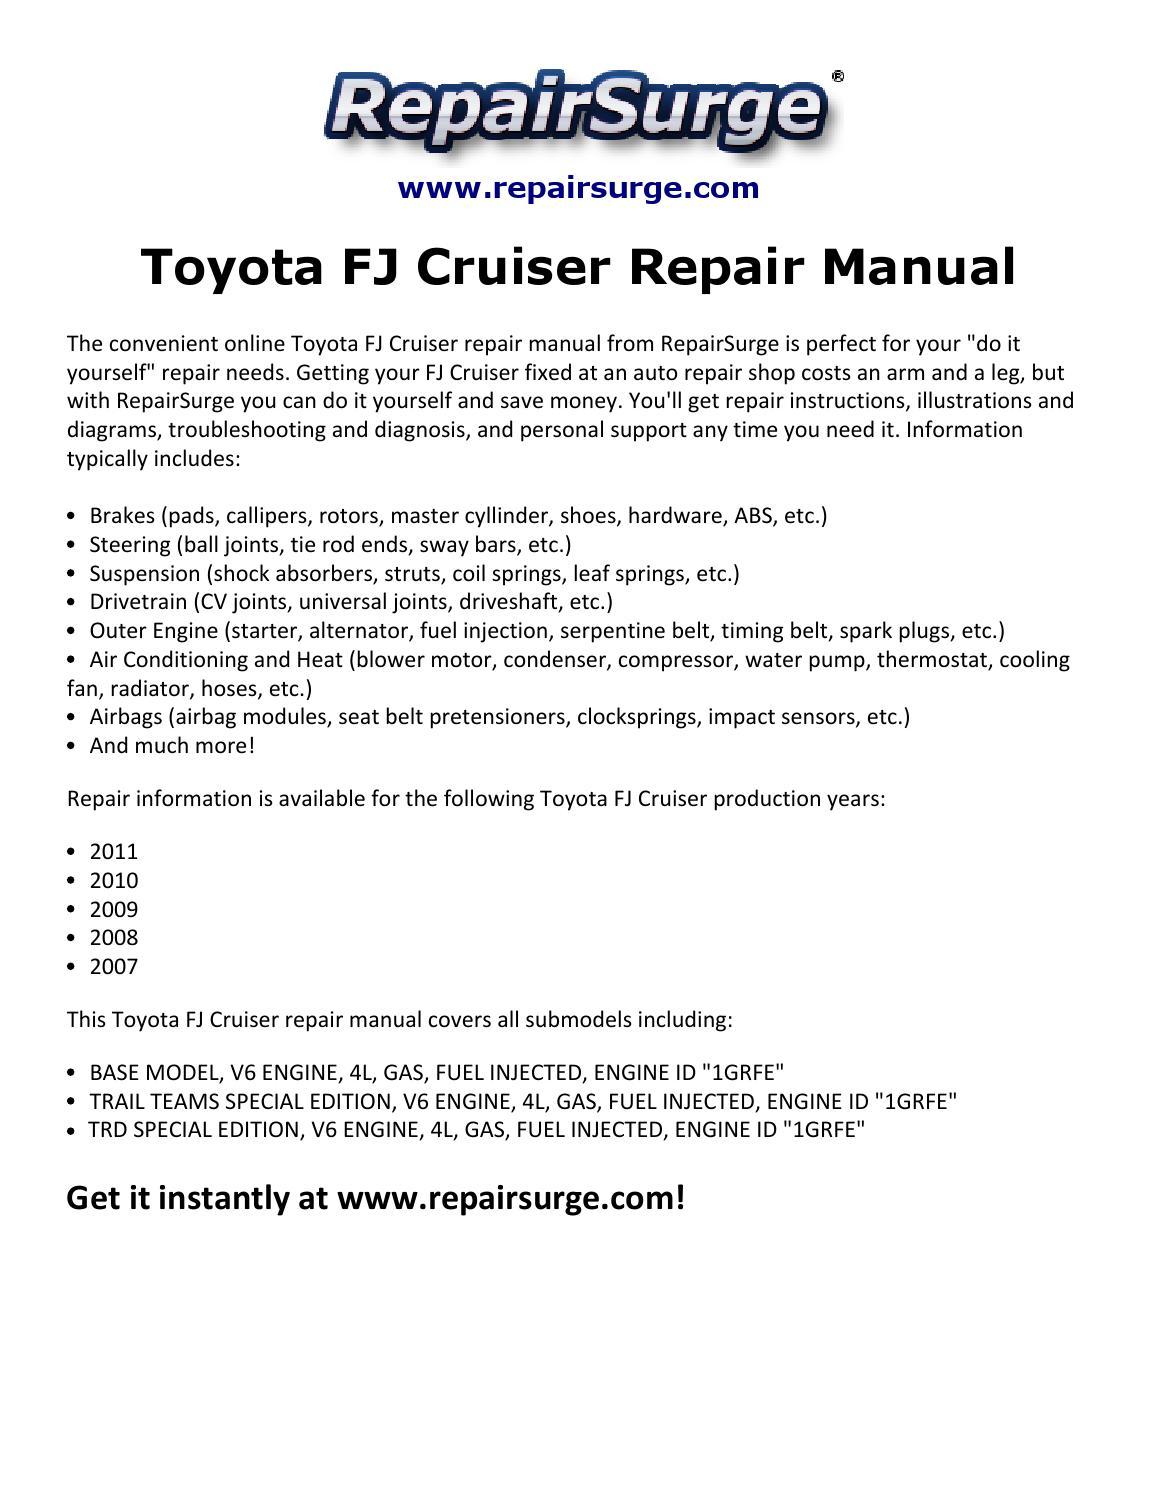 hight resolution of fj cruiser repair manual 2007